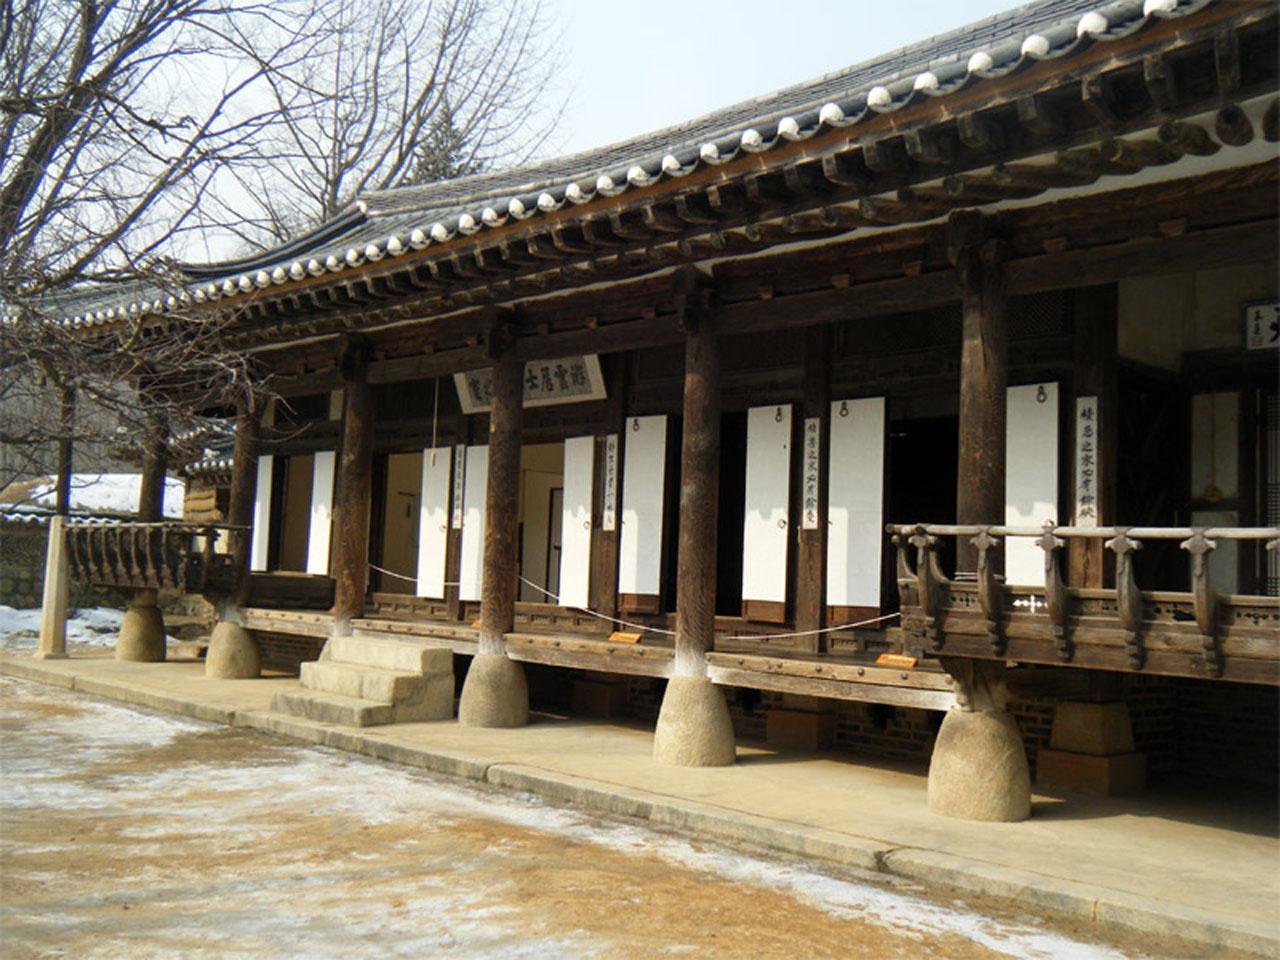 หมู่บ้านพื้นเมืองเกาหลี - Korean Folk Village